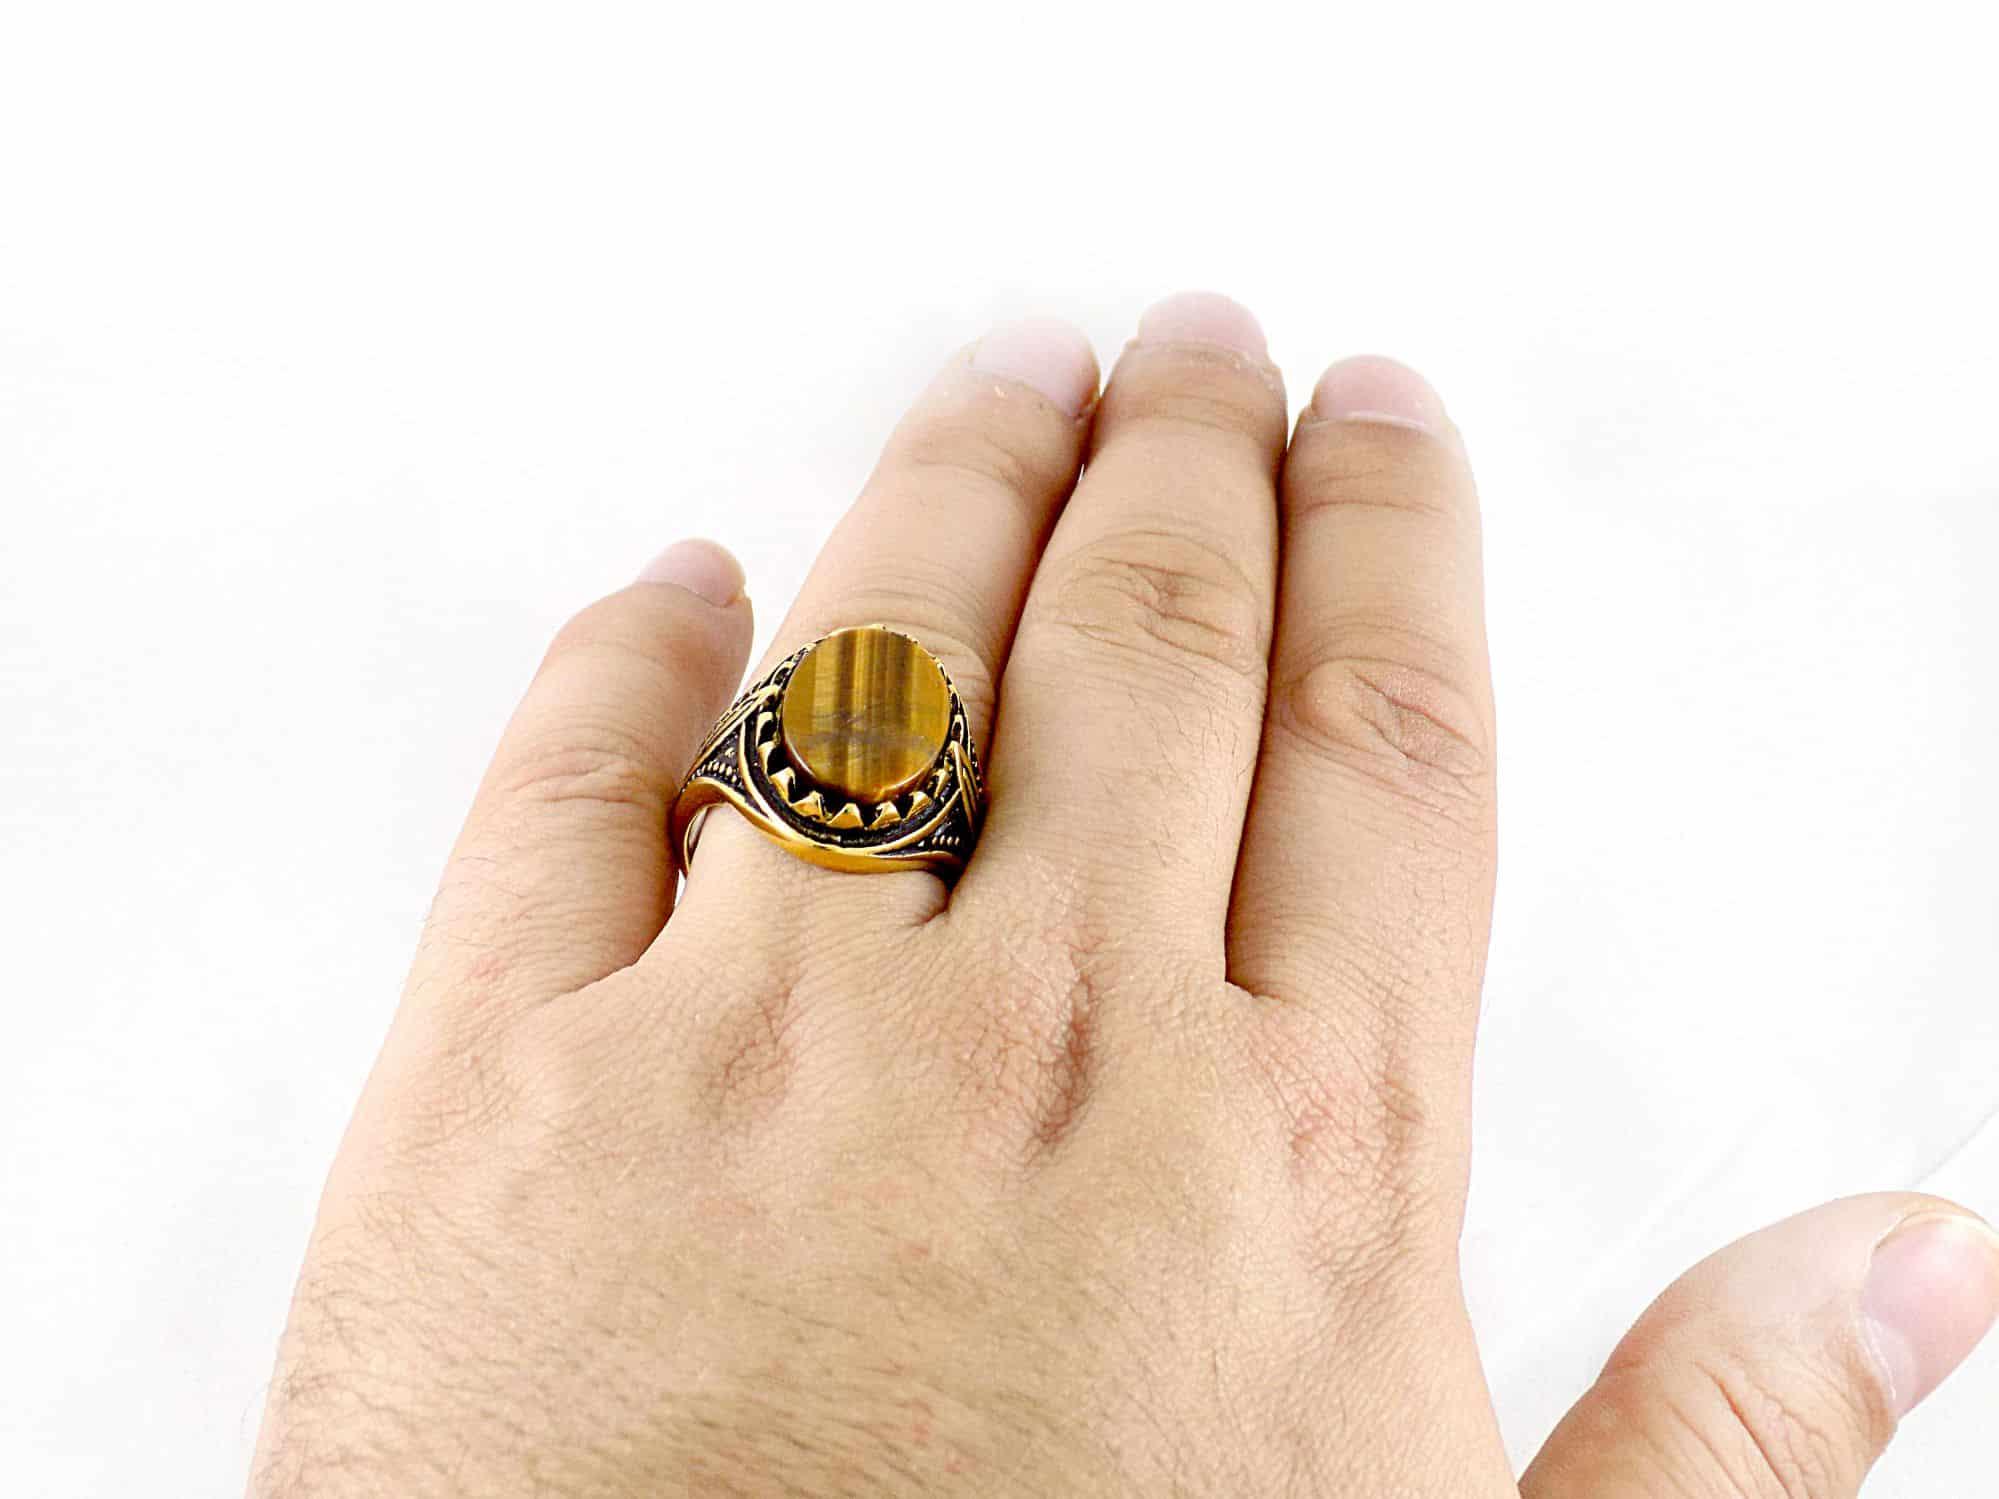 انگشتر مردانه استیل طرح عقیق با روکش آب طلای 18 عیار pr-ma112 از نمای بالا